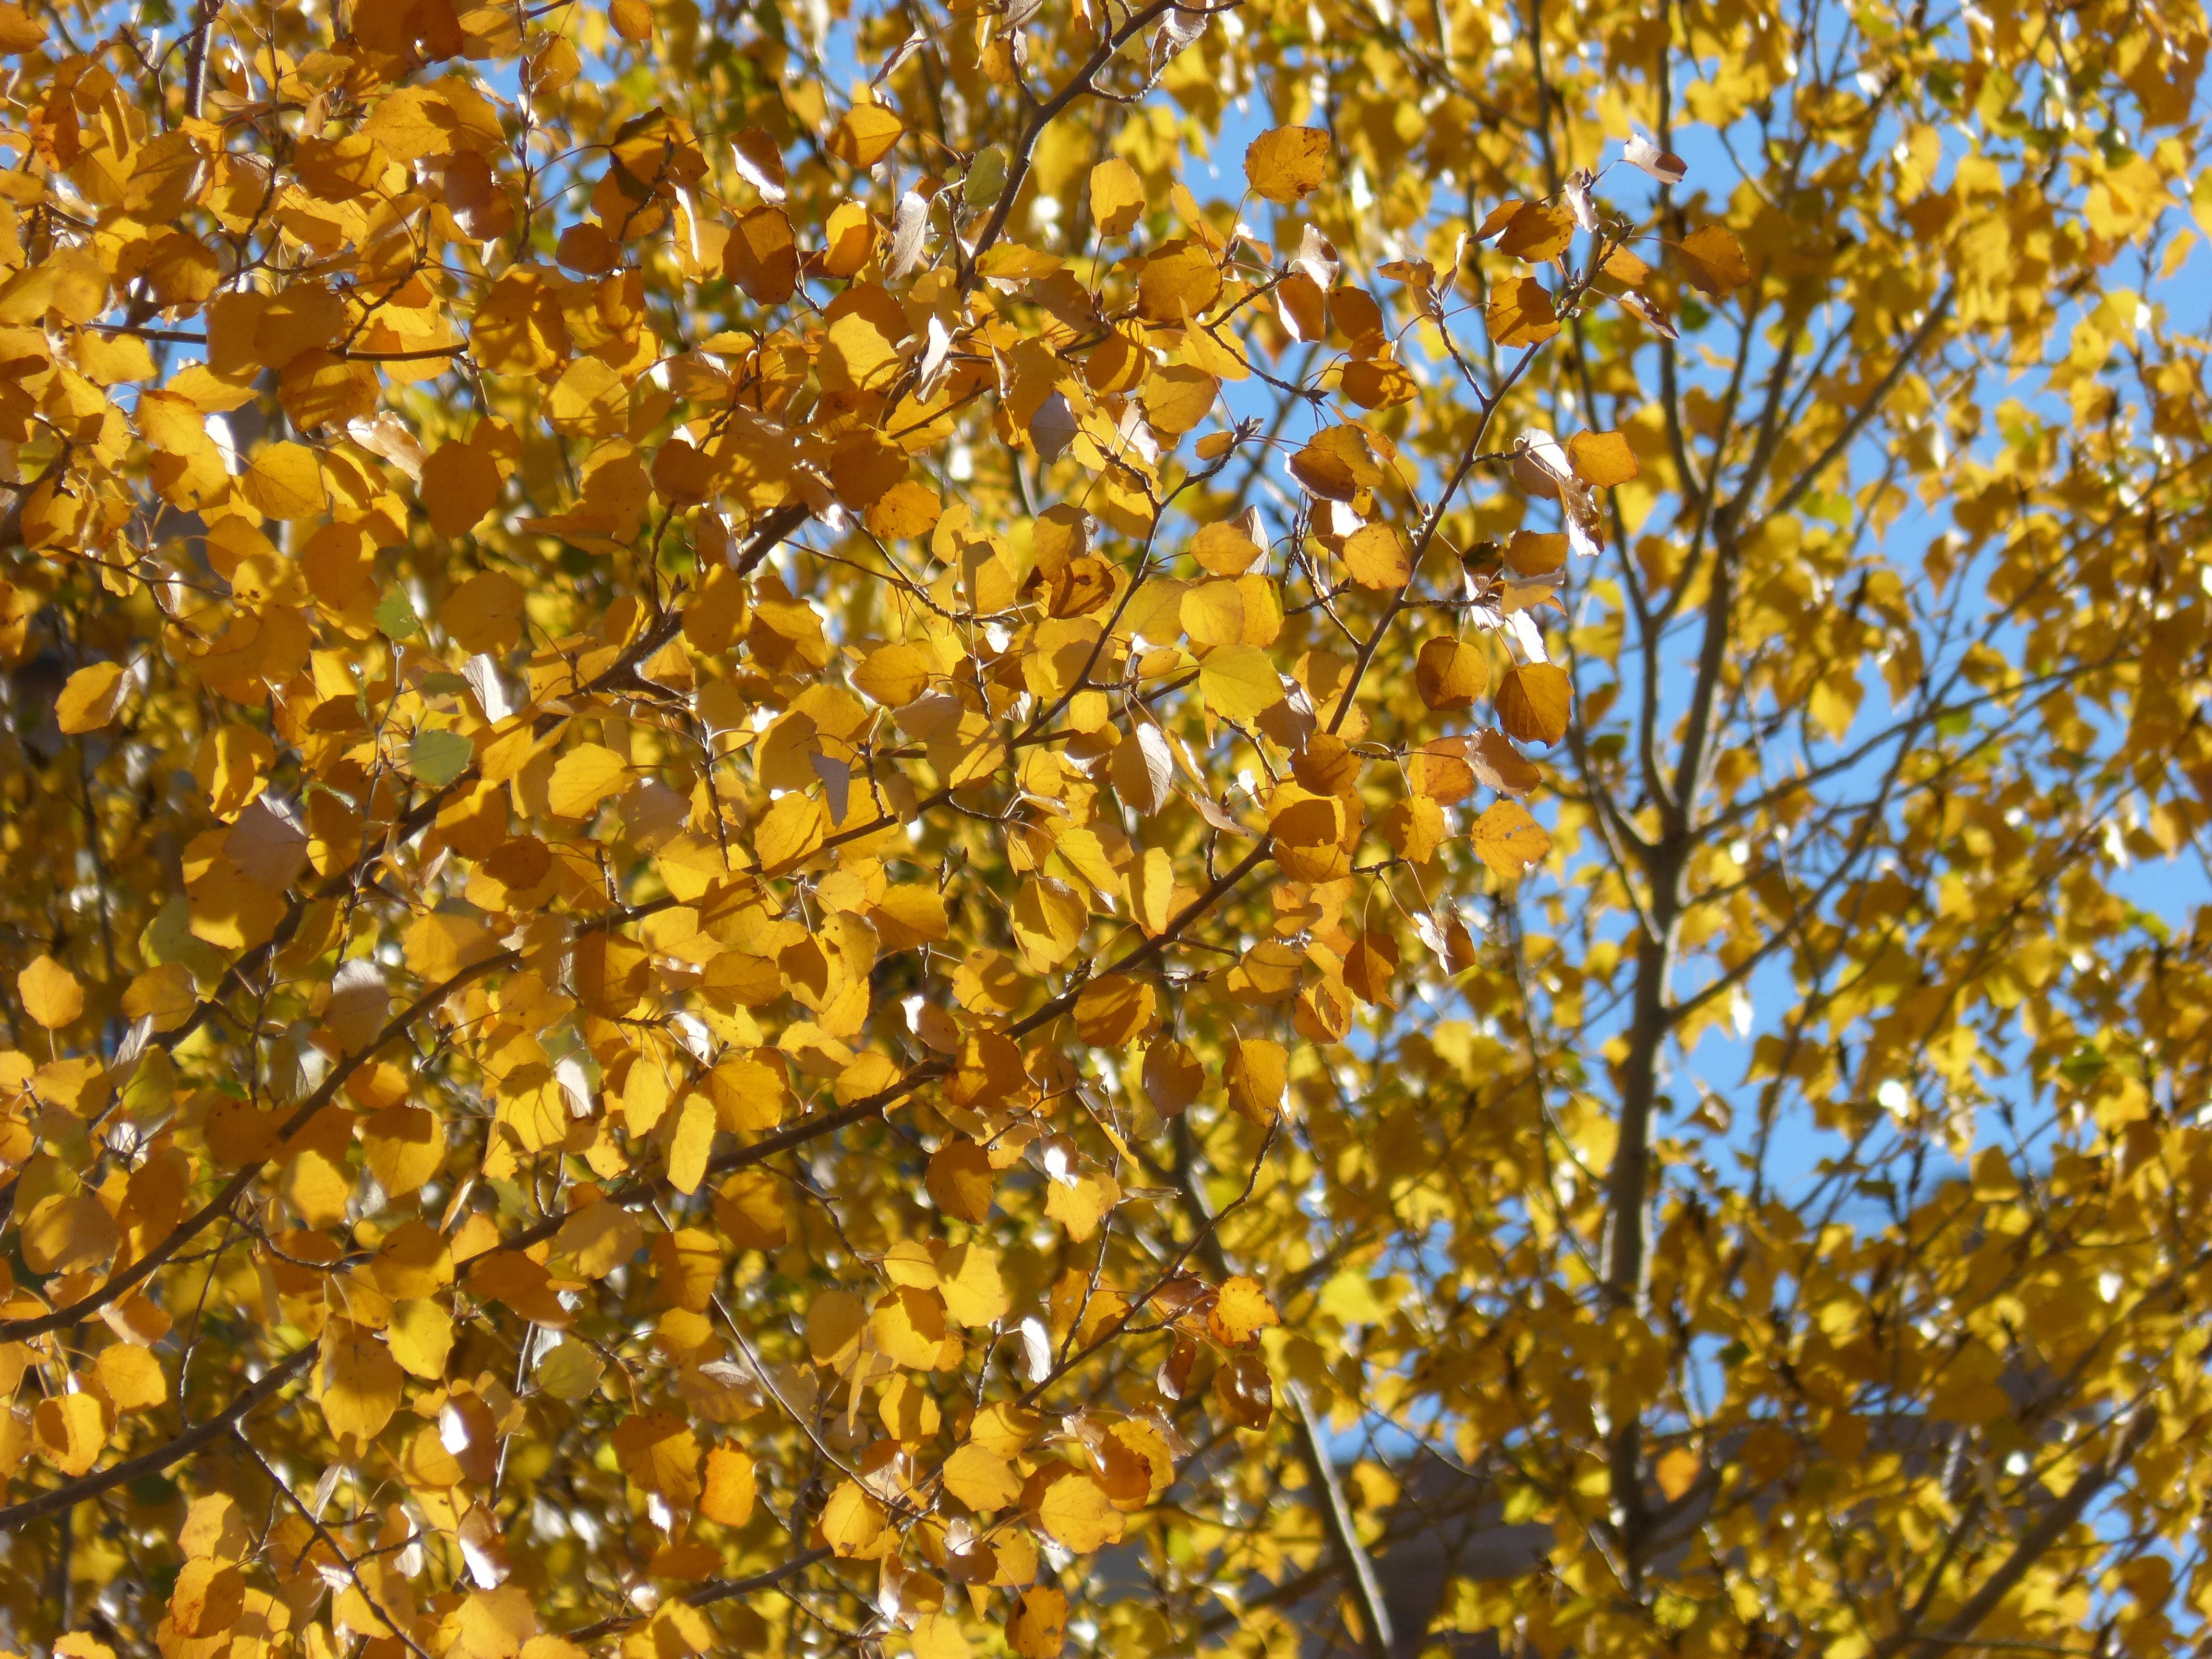 Images Gratuites Arbre Branche Lumiere Du Soleil Feuille Fleur